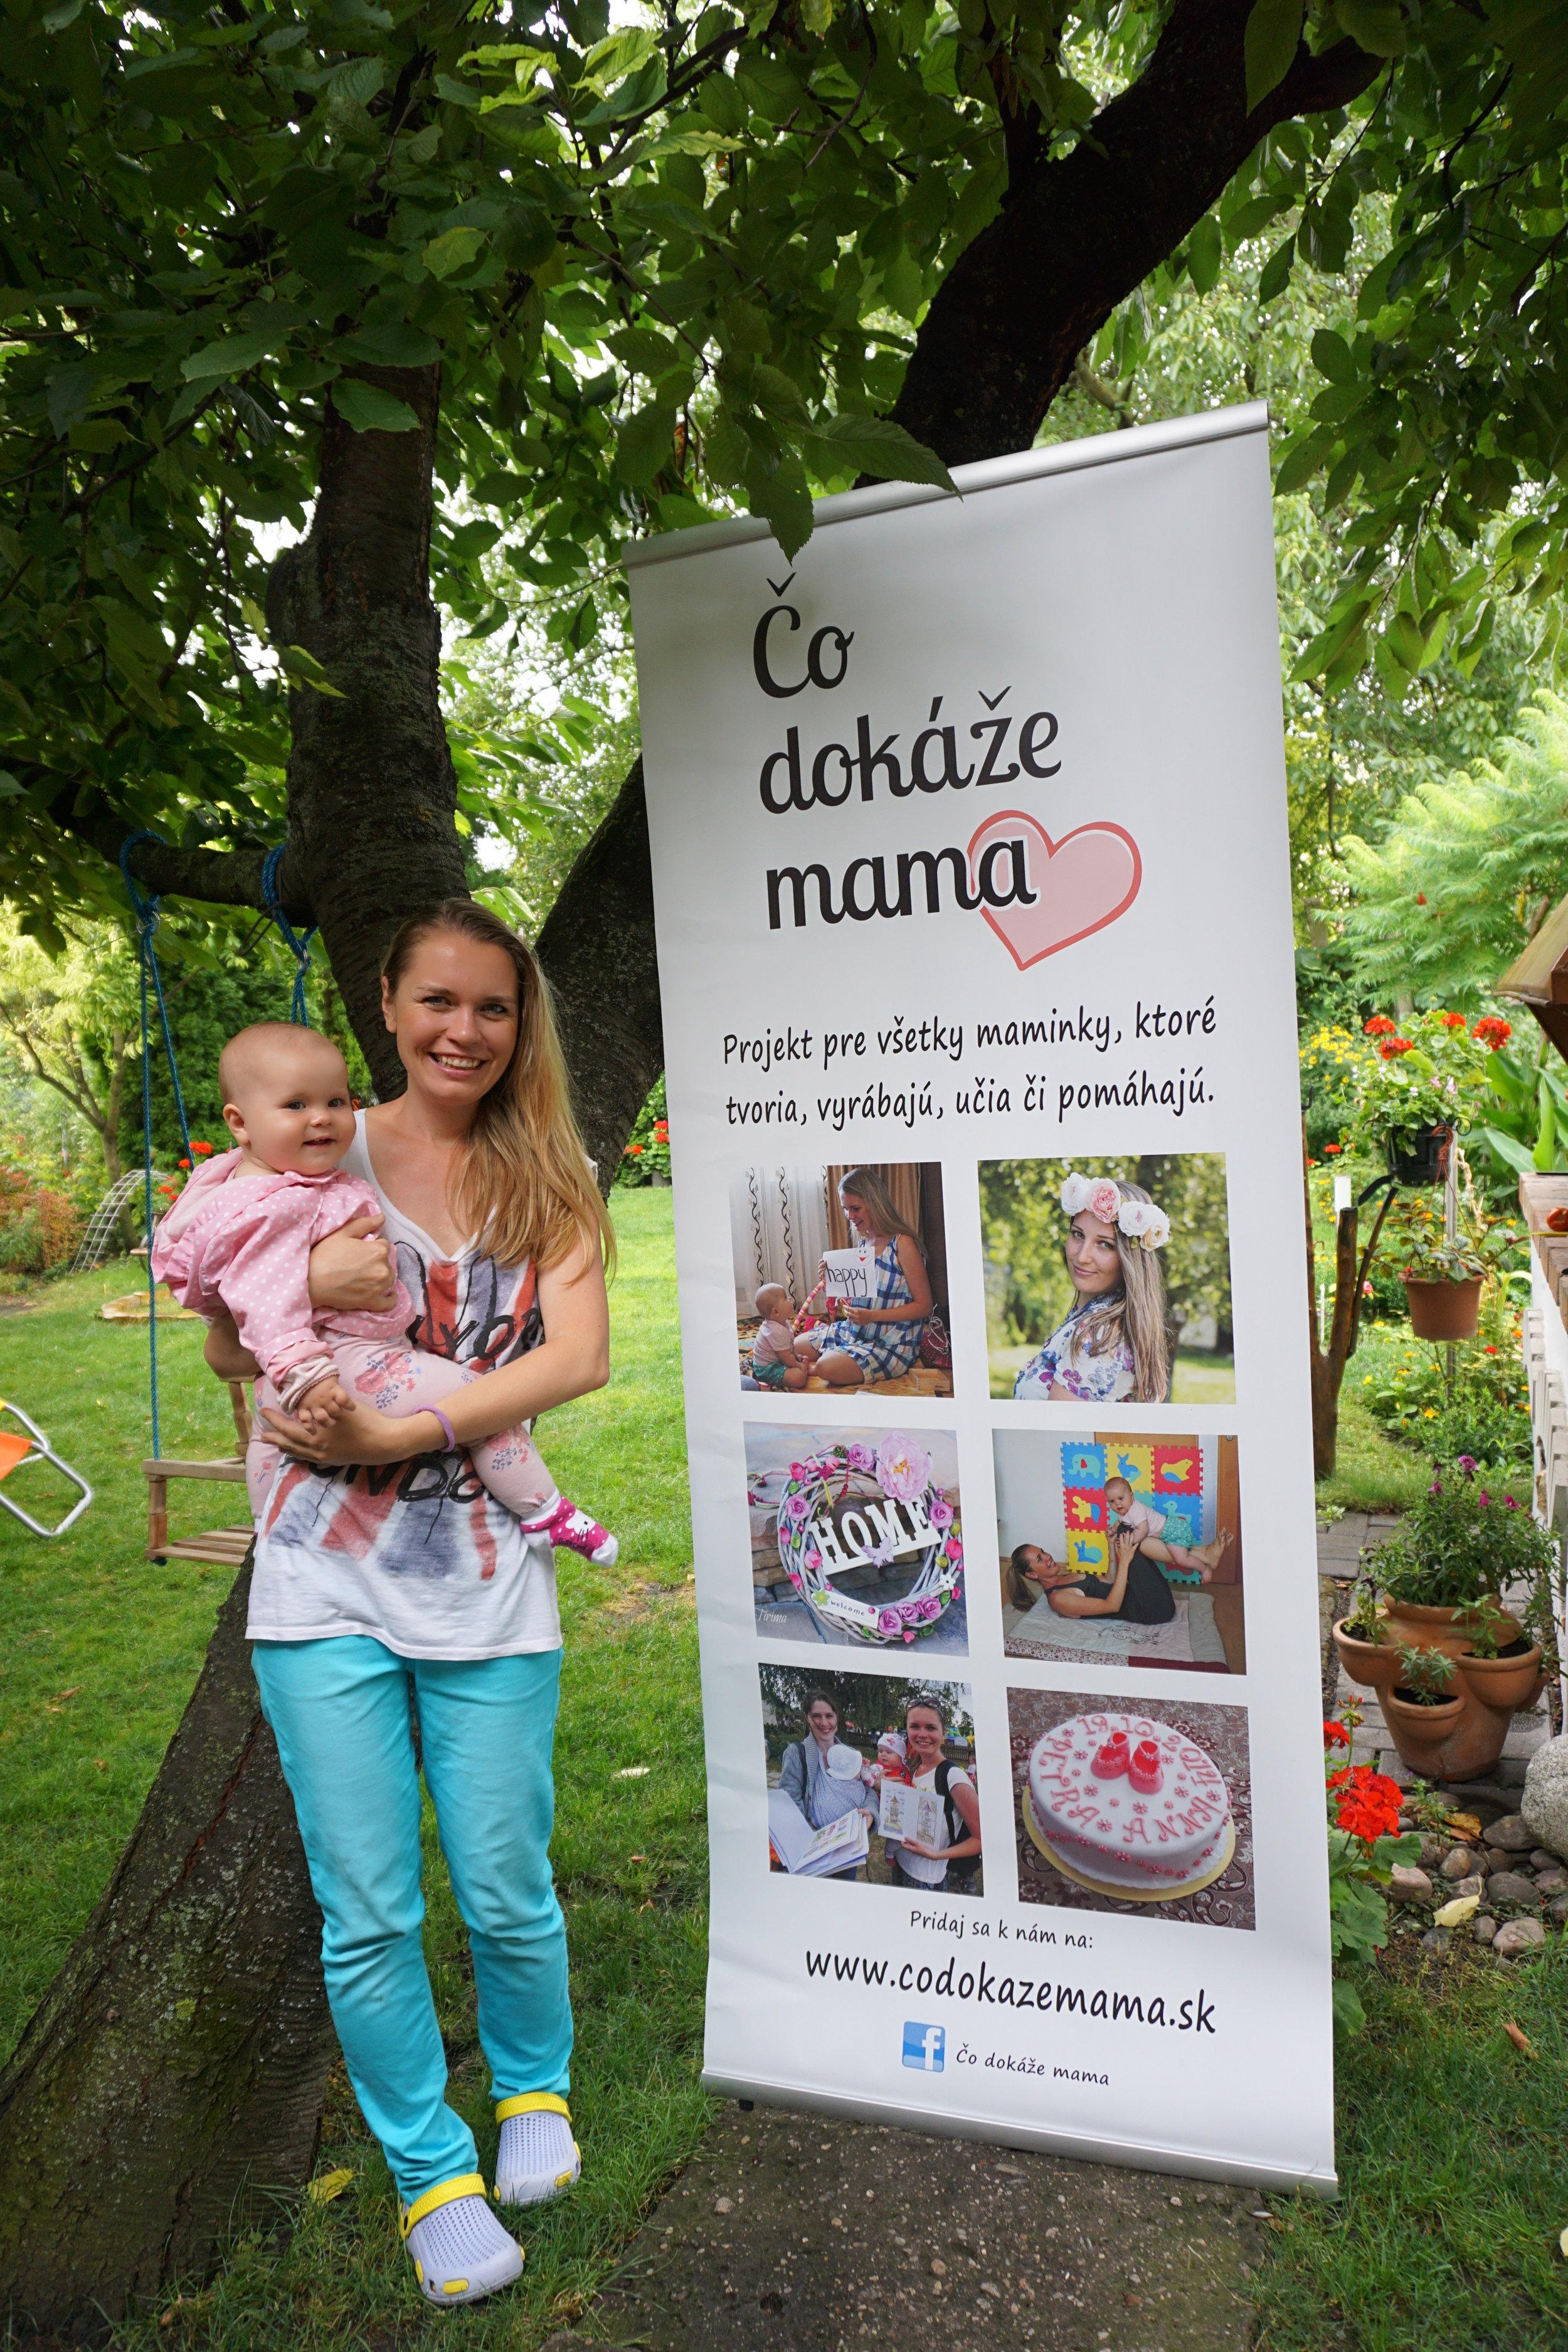 Andrea Kovacova_Co dokaze mama